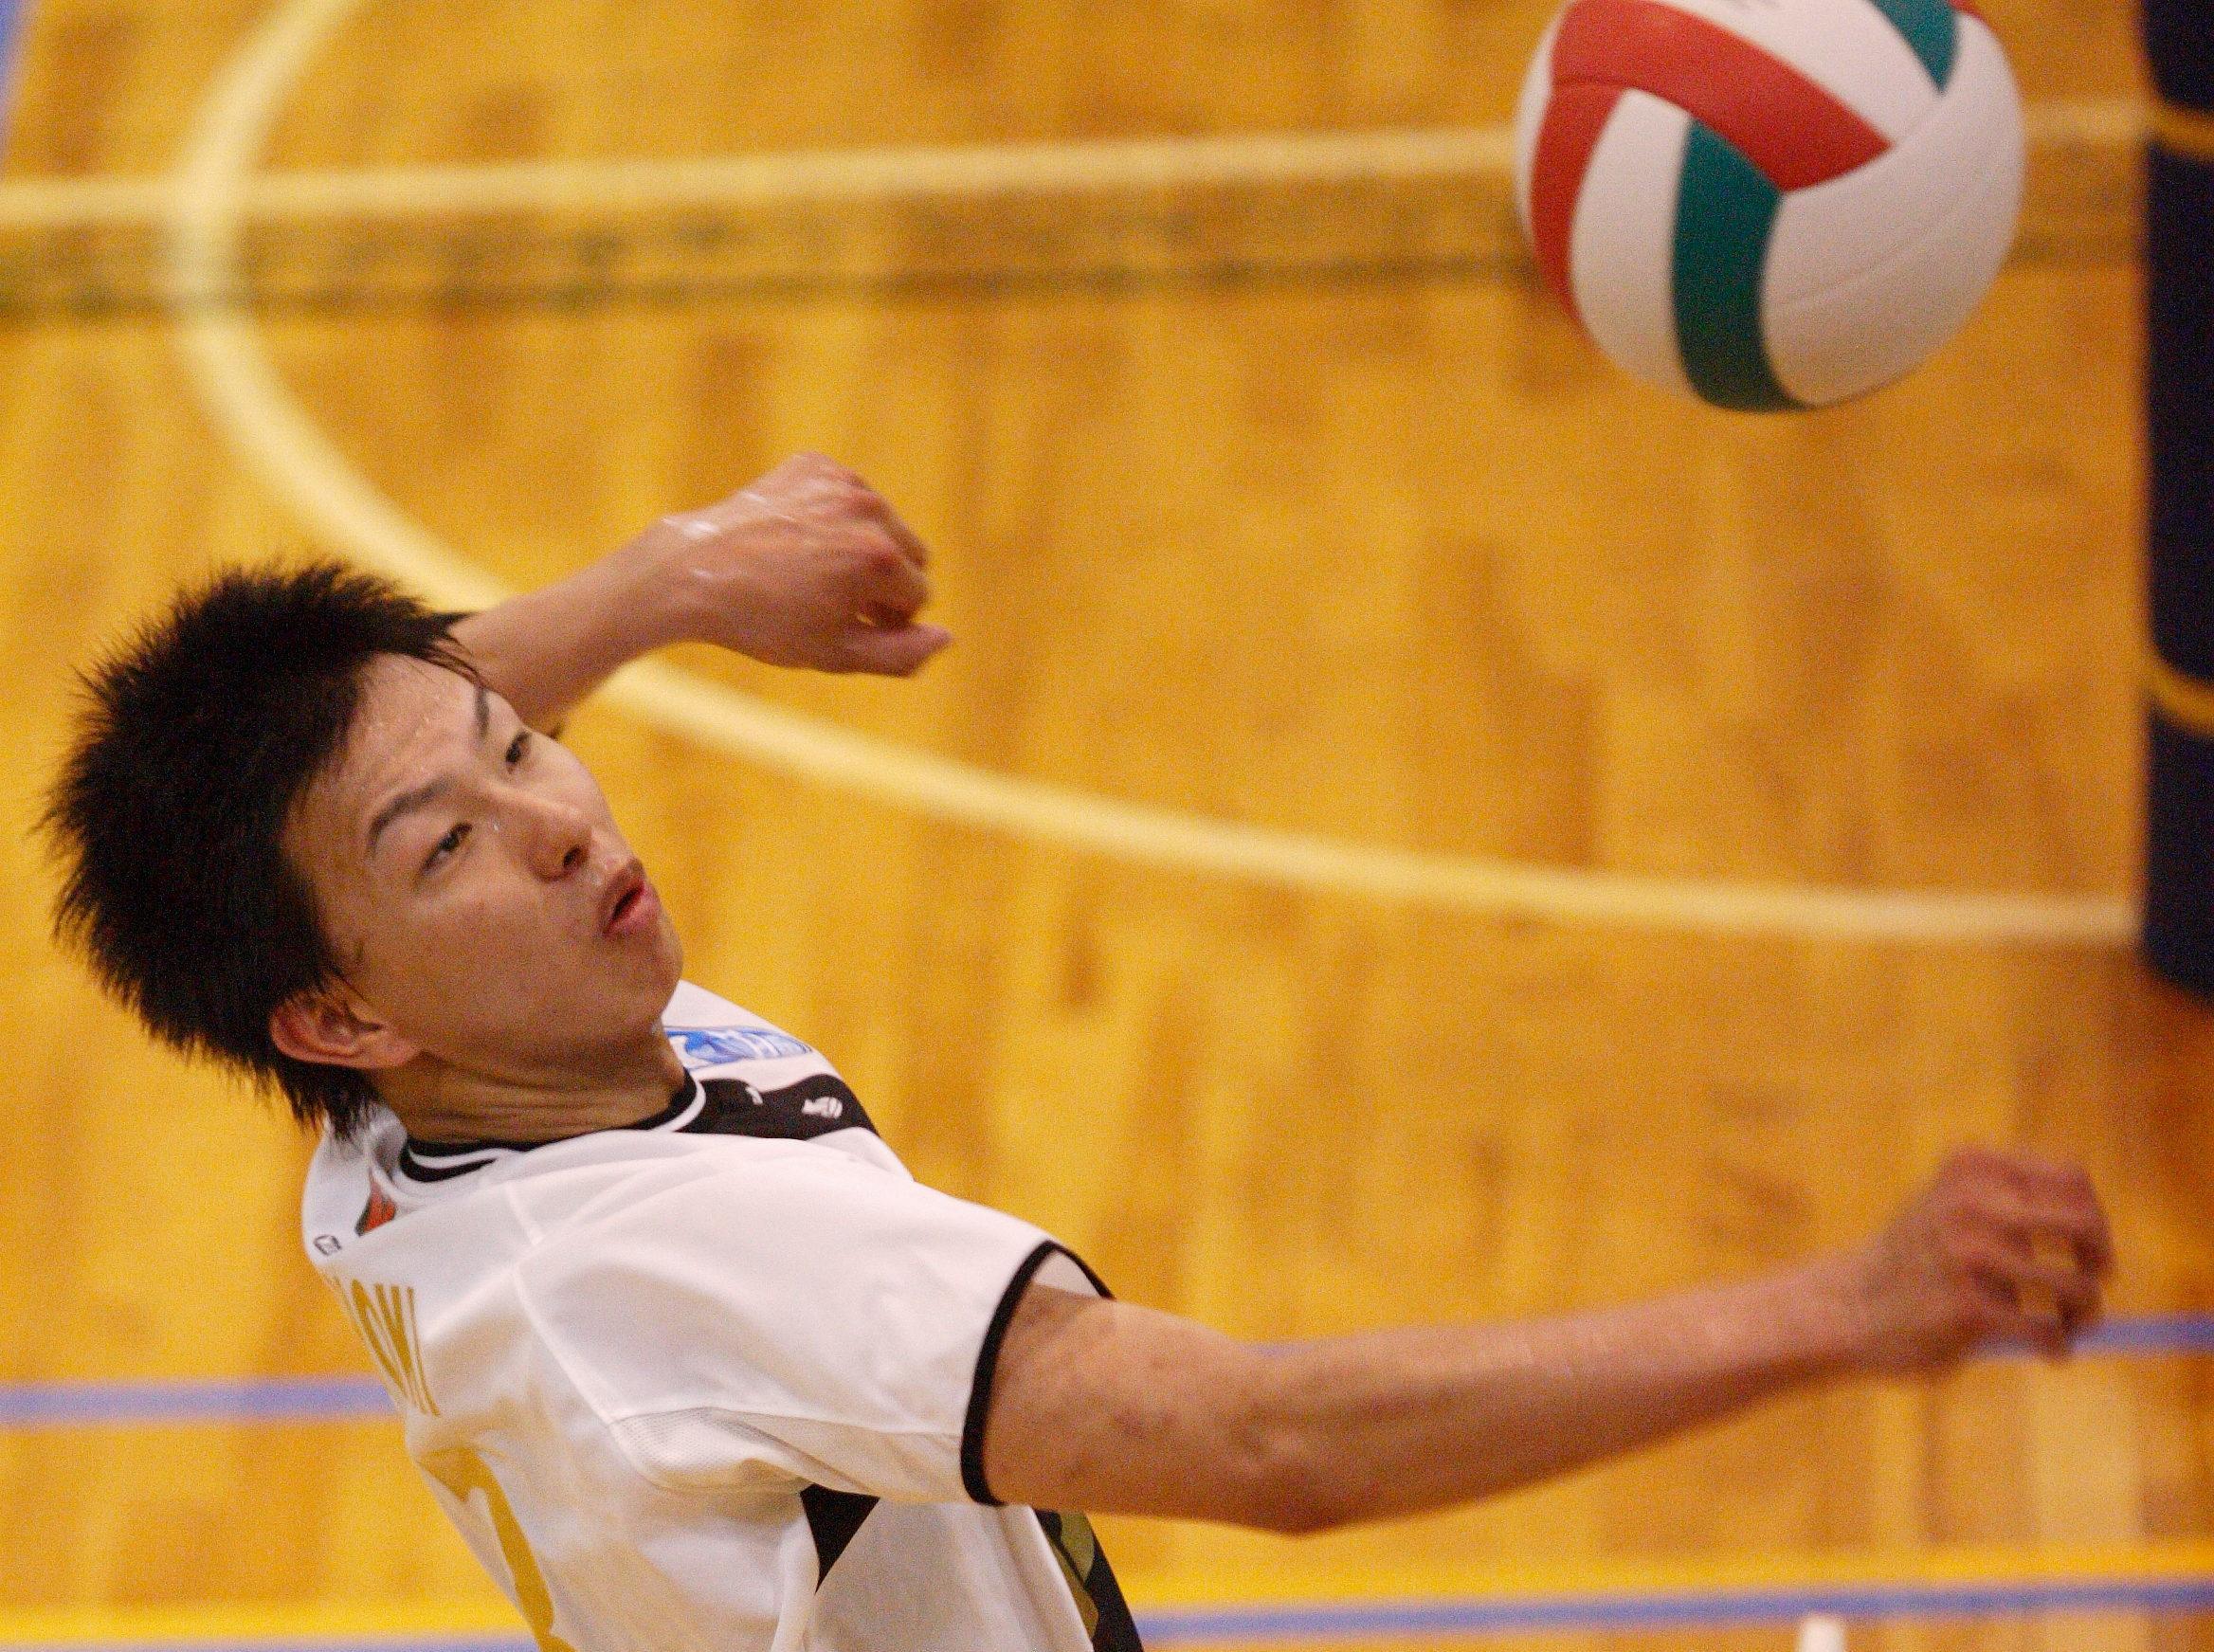 【バレーのスイングスピードアップ!?】自宅で出来る!スパイクをフカさなくなる全日本選手直伝の練習方法はこれ!